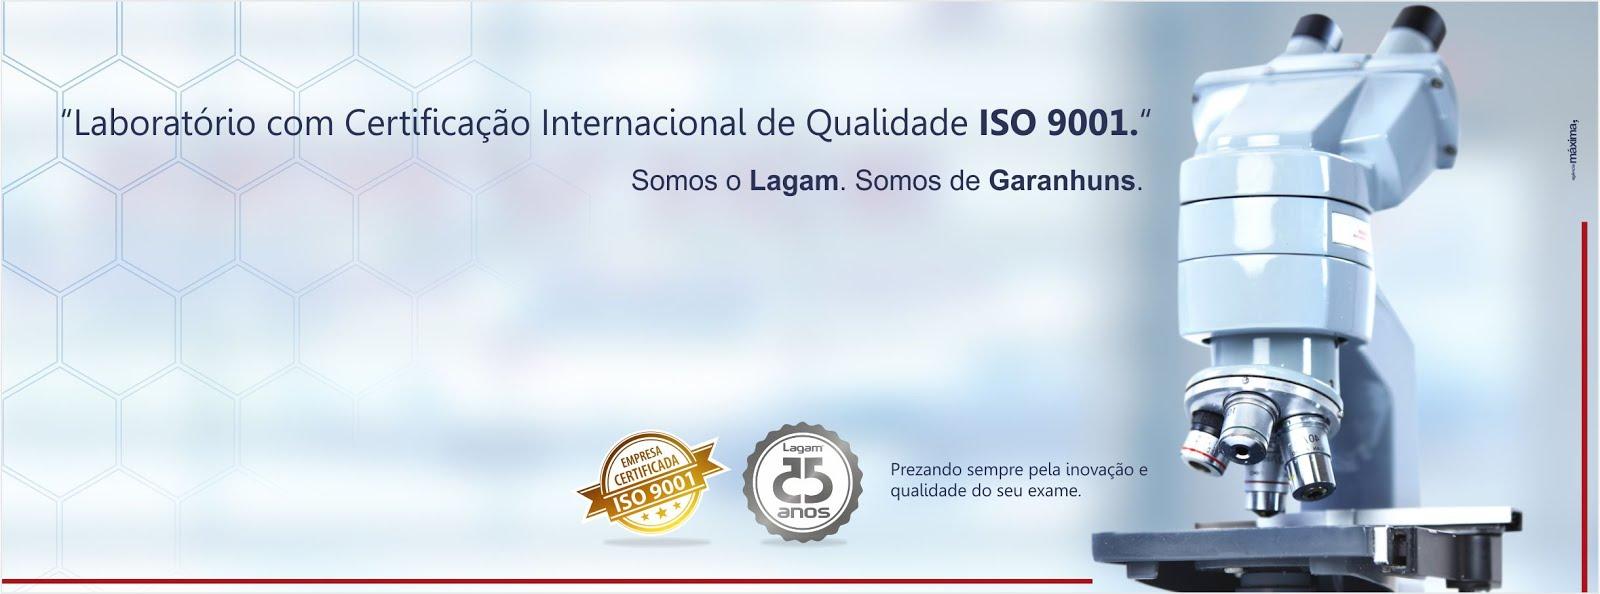 LABORATÓRIO LAGAM - 25 ANOS